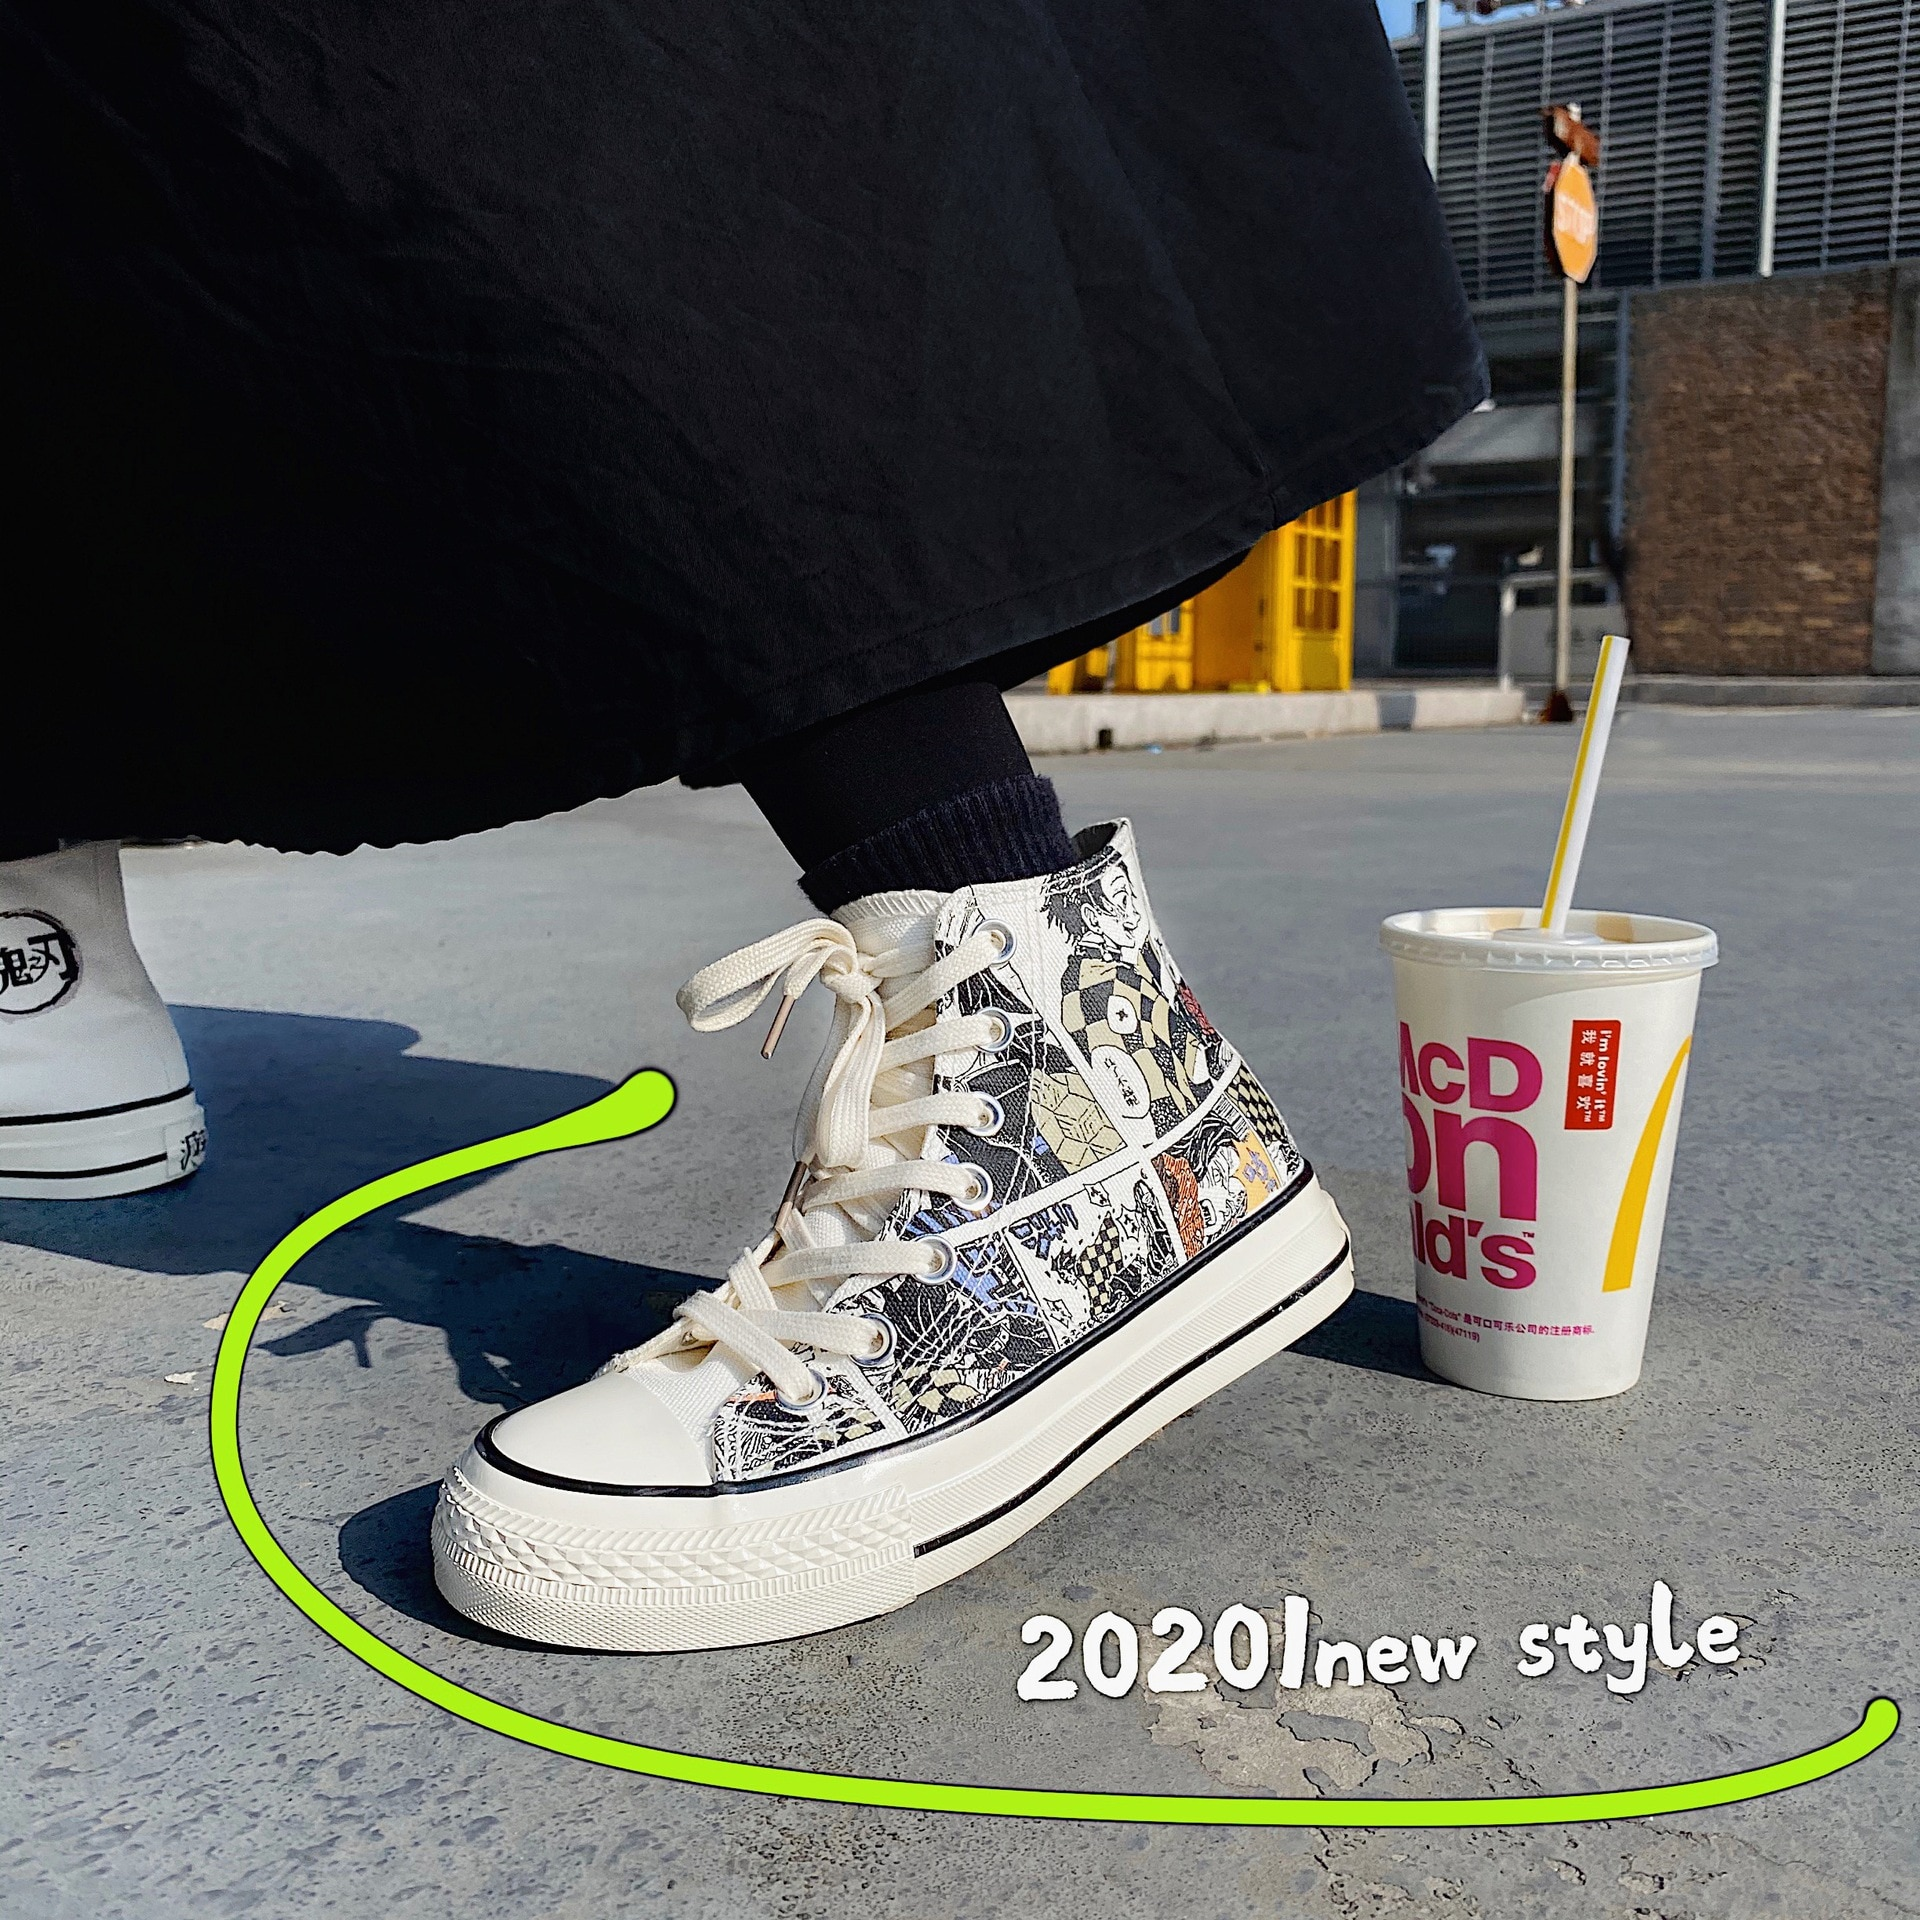 أنيمي شيطان القاتل أحذية بيضاء من القماش الكتاني أحذية رياضية كاجوال طالب عالية أعلى أحذية رياضية صبي فتاة امرأة أحذية رجالي ربيع الخريف